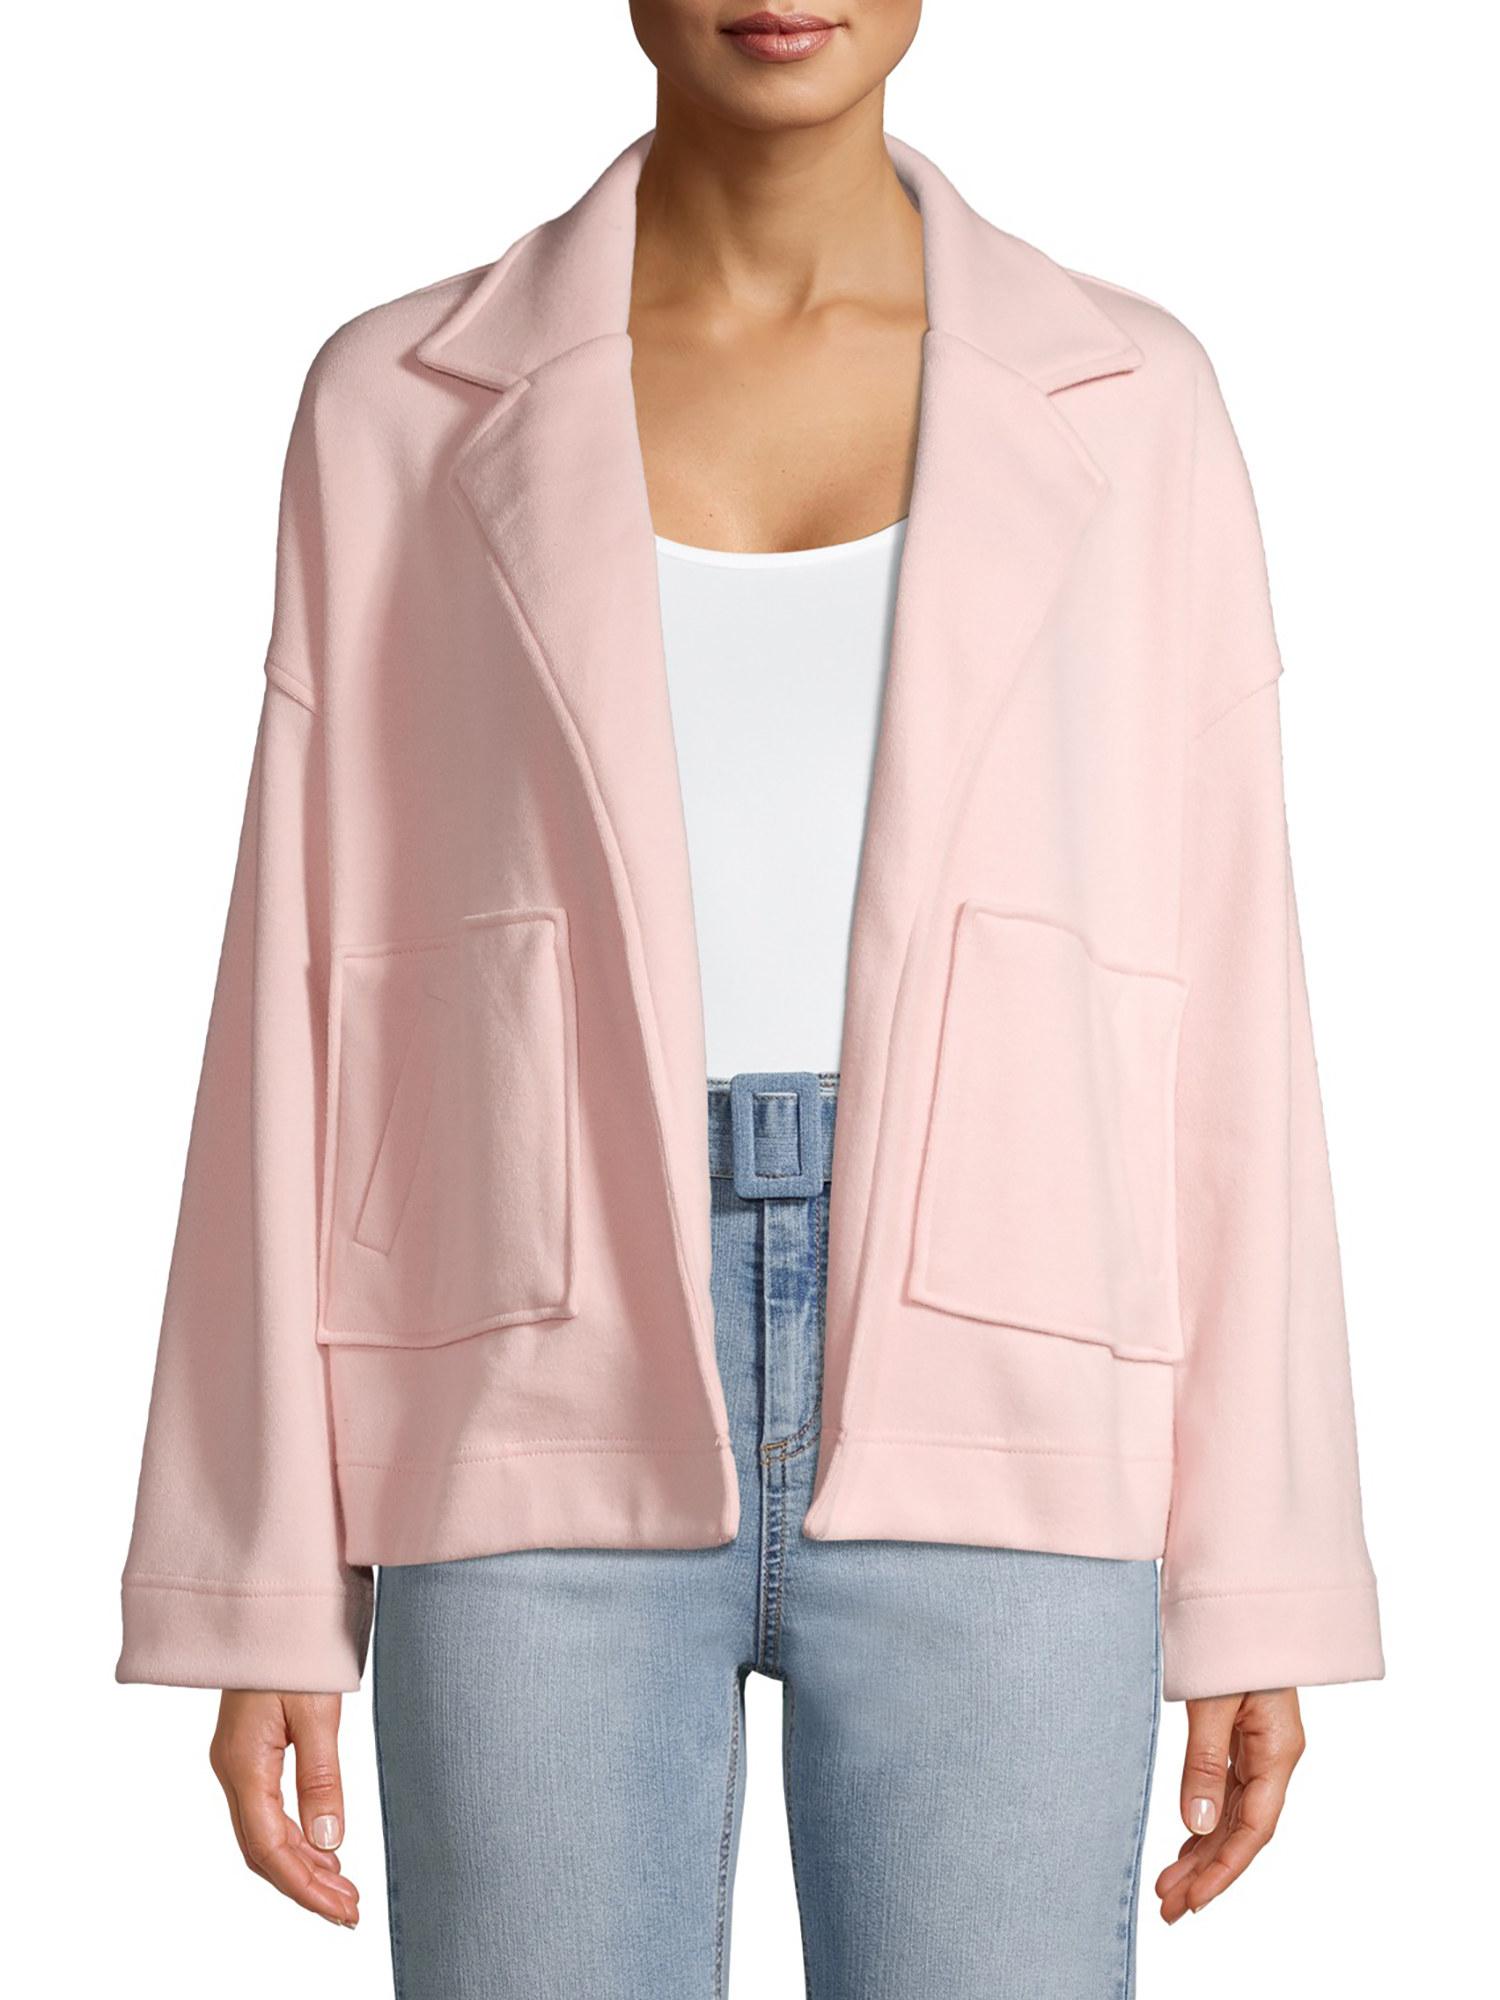 the coatigan in pink